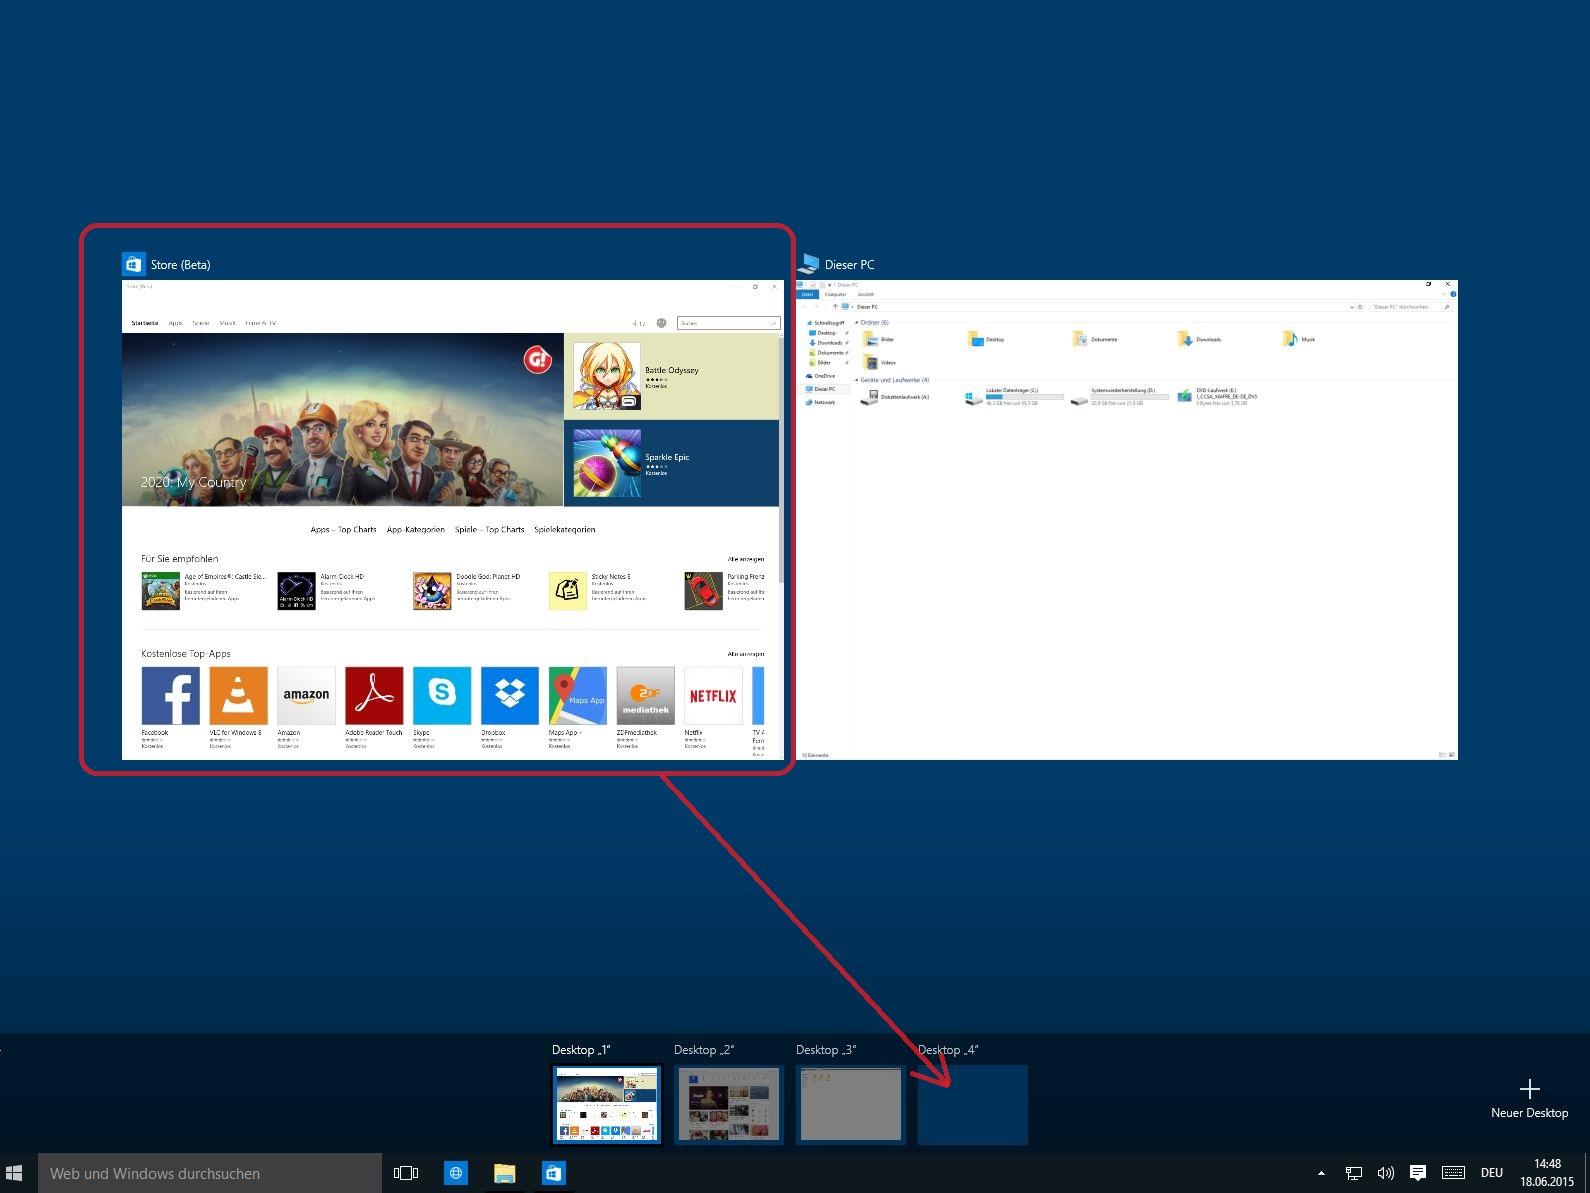 virtuelle-desktops-2.jpg